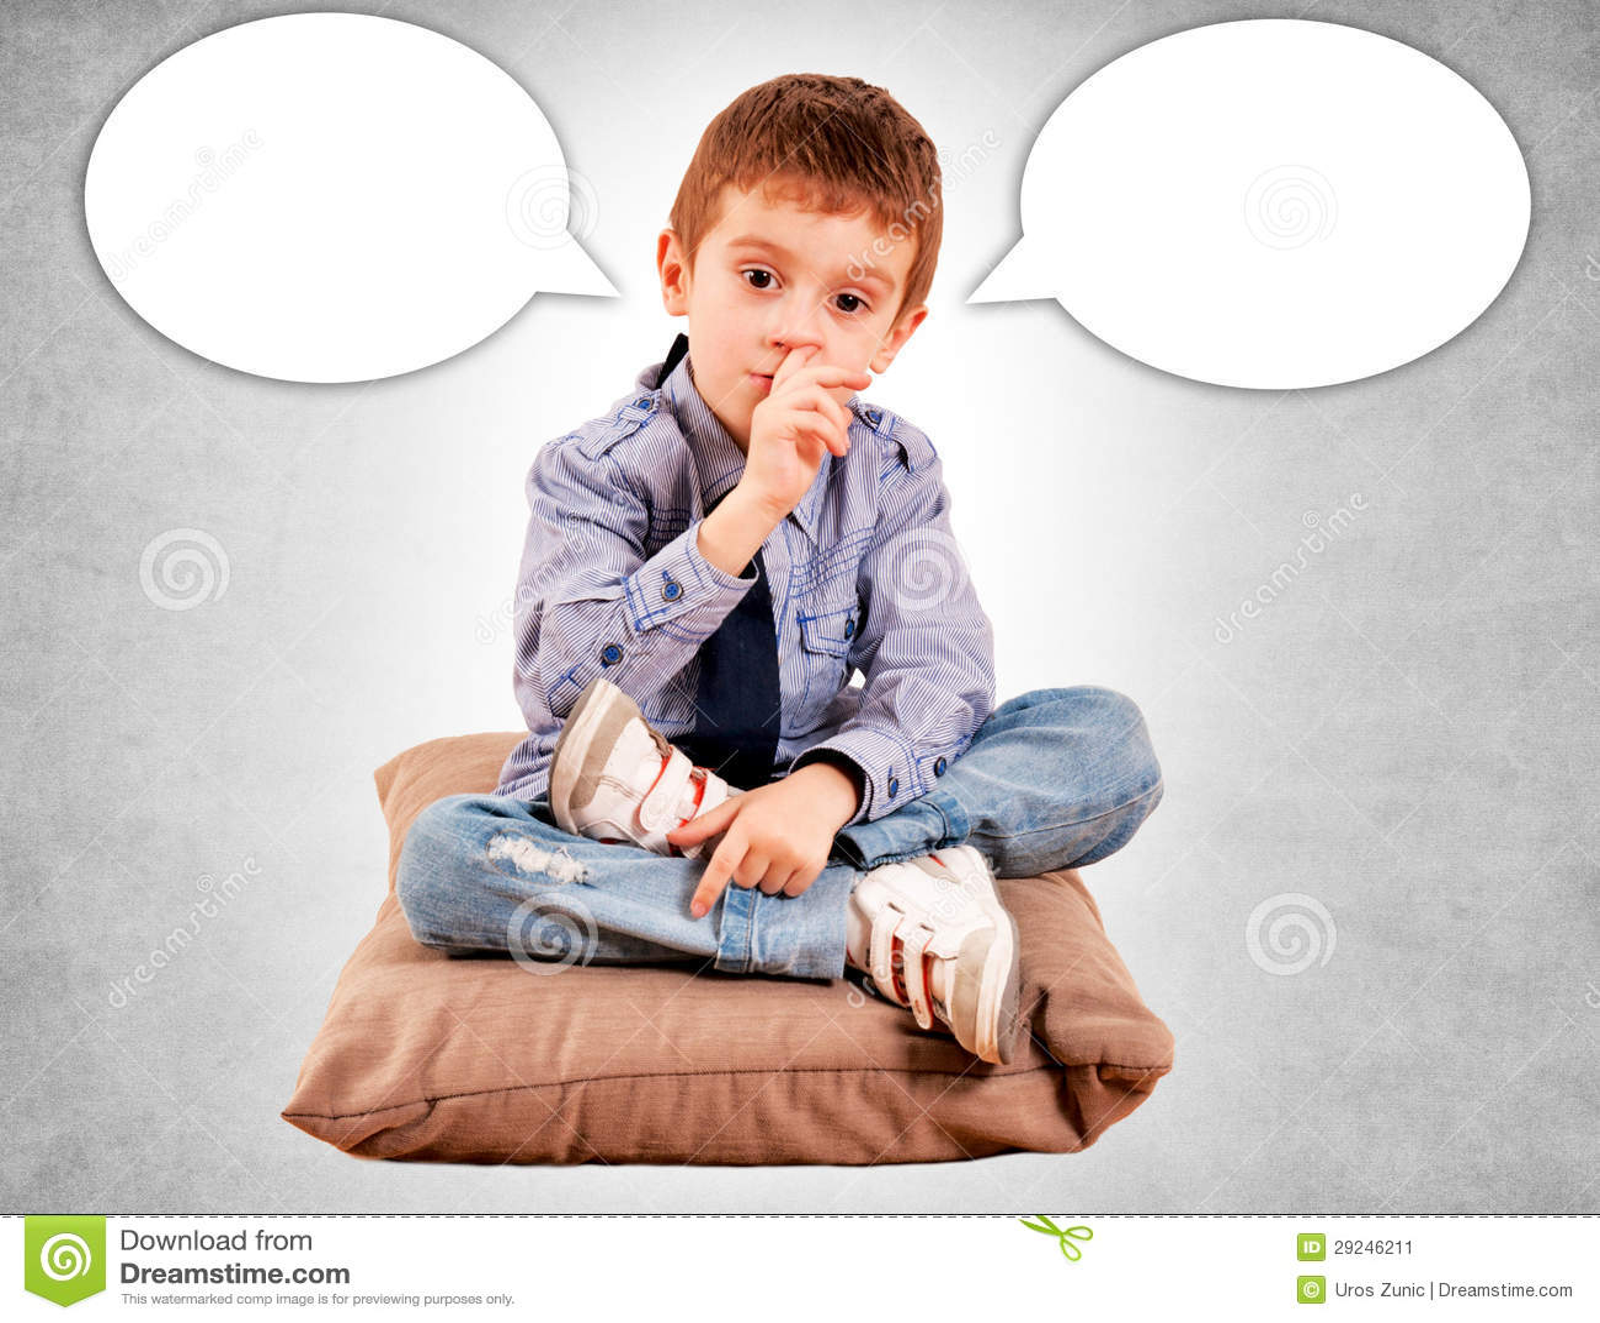 Download O menino no descanso imagem de stock. Imagem de escavar - 29246211